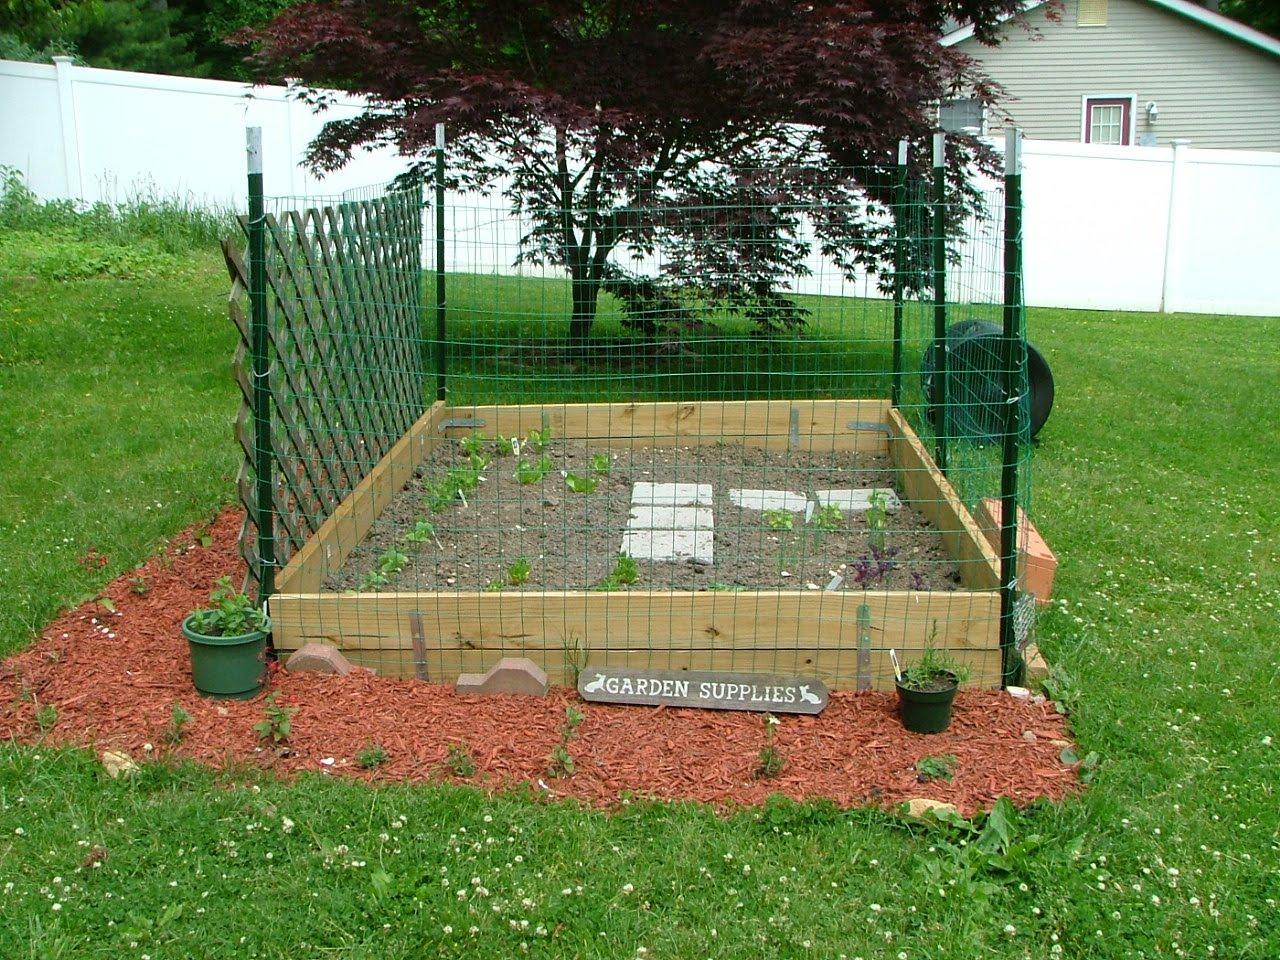 Garden Design For Raised Beds: The Musings Of MissFifi: June 2010